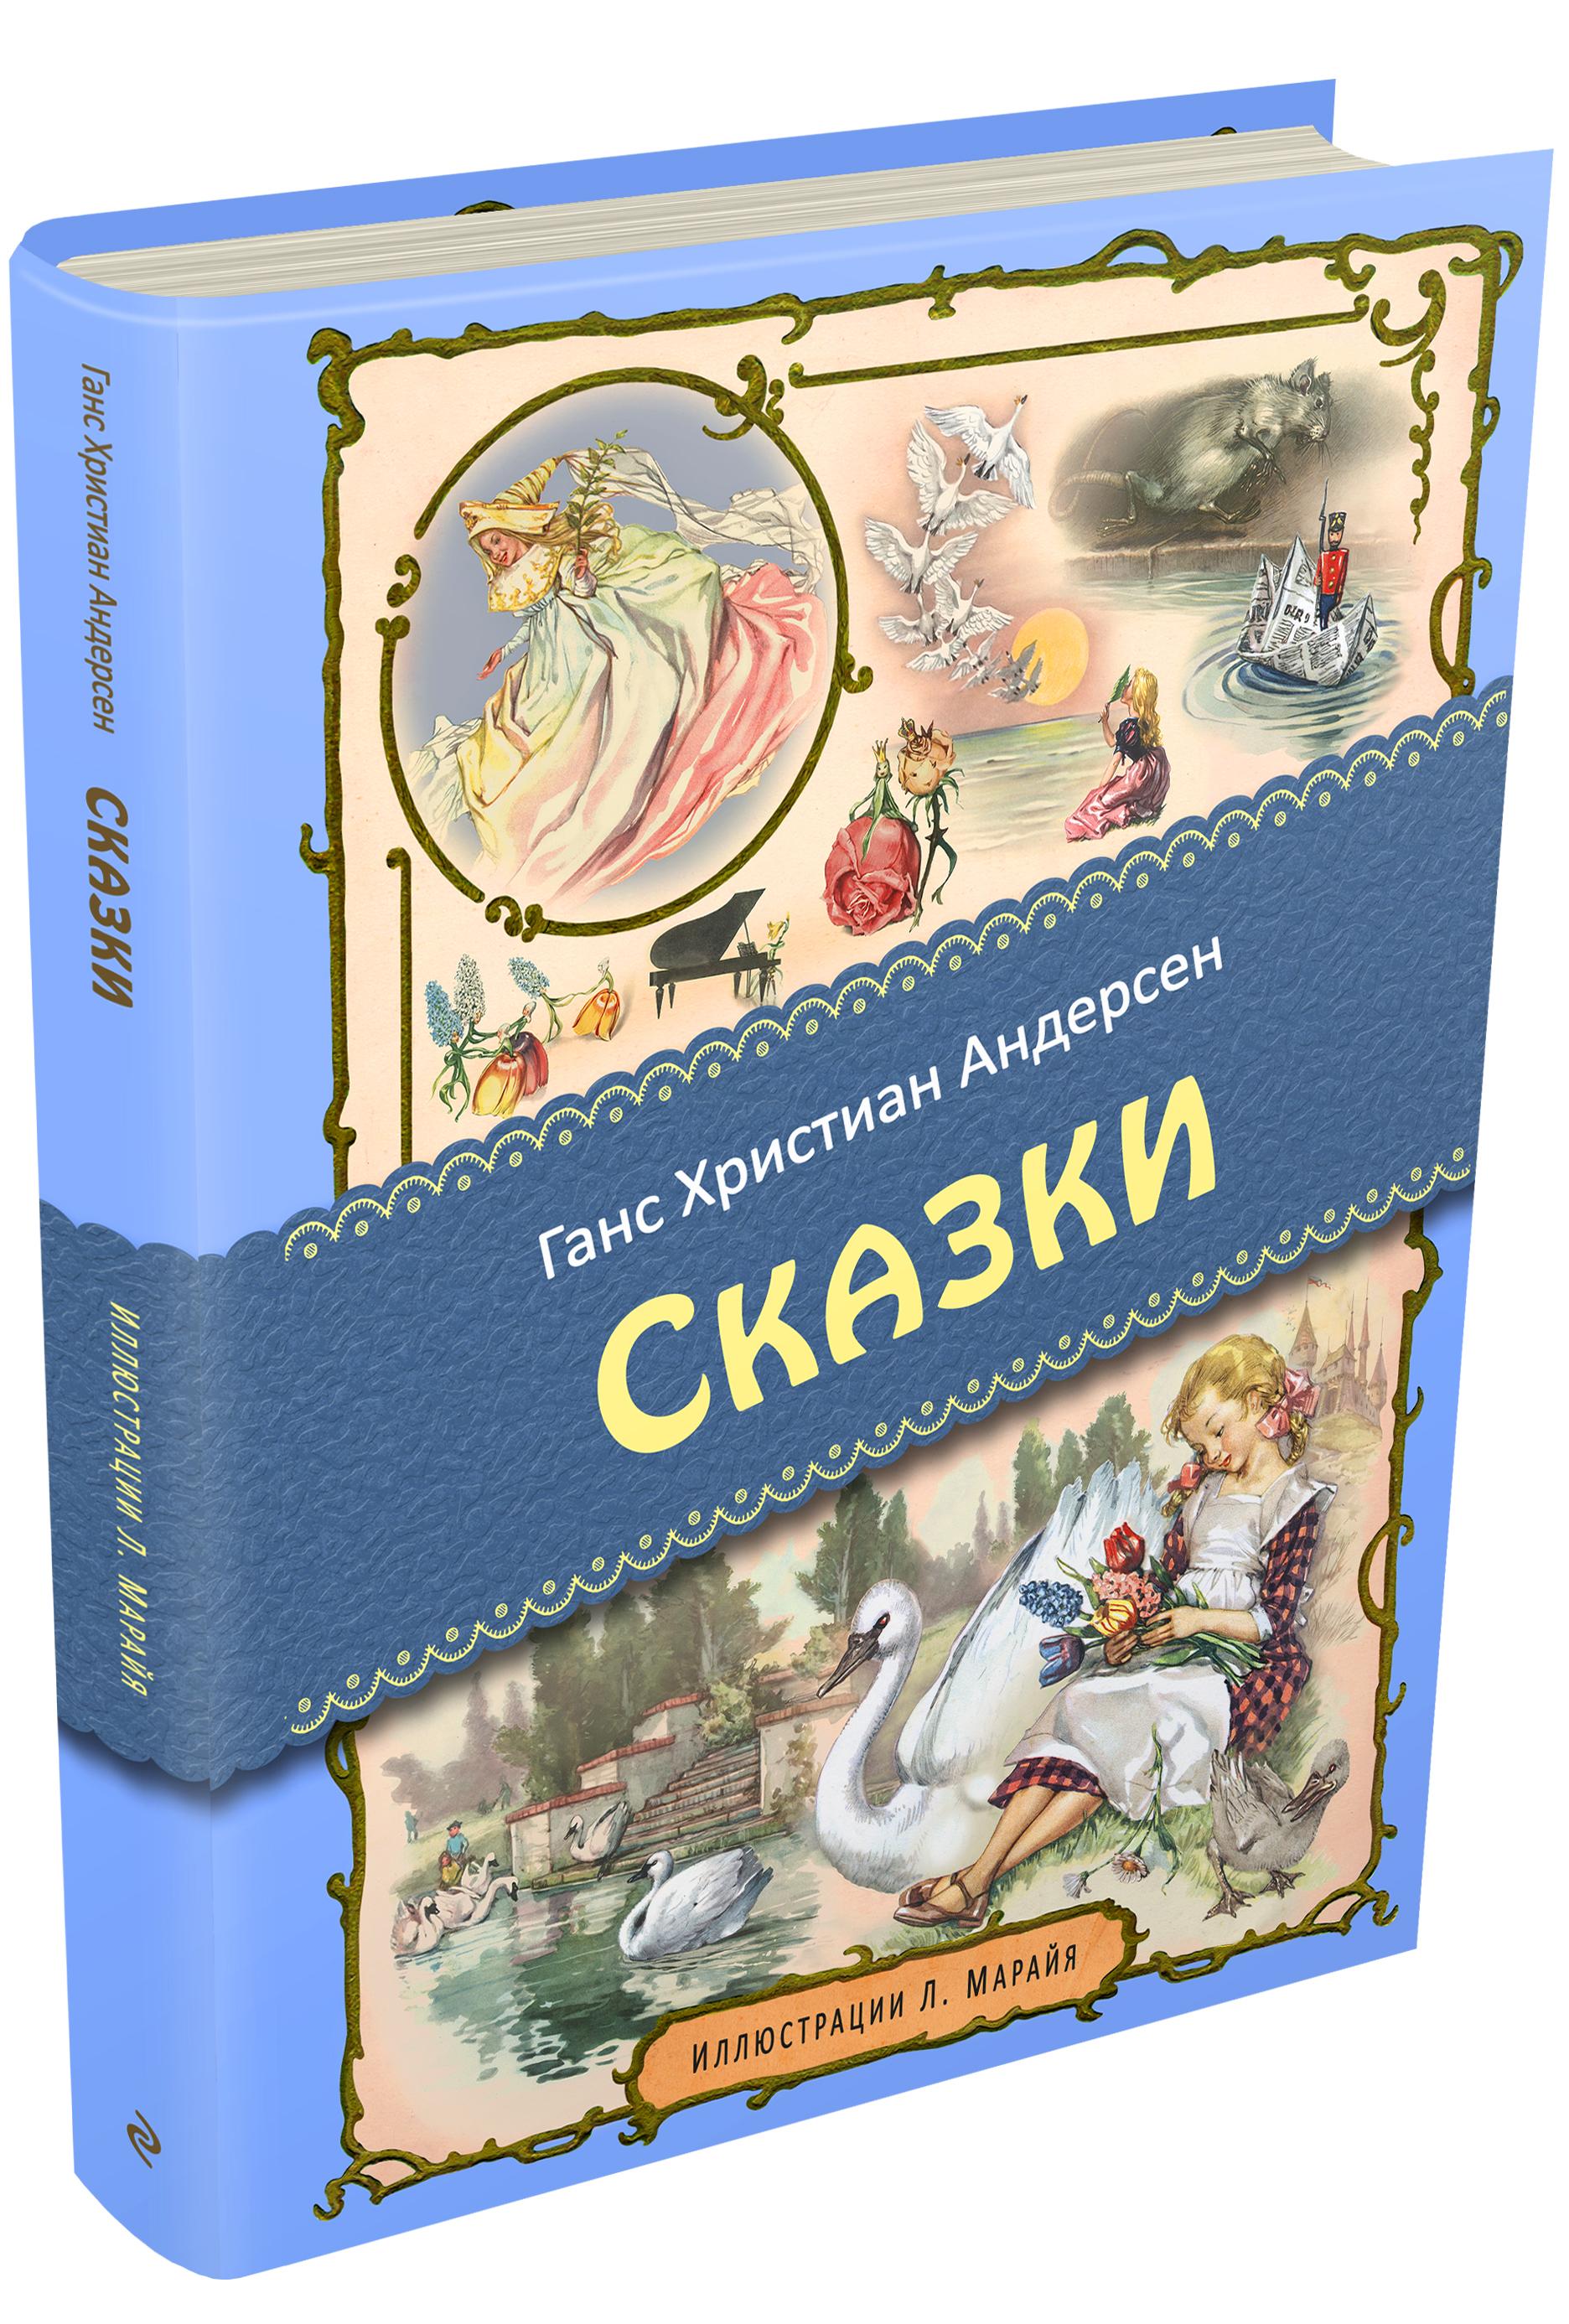 Сказки (ил. Марайя)